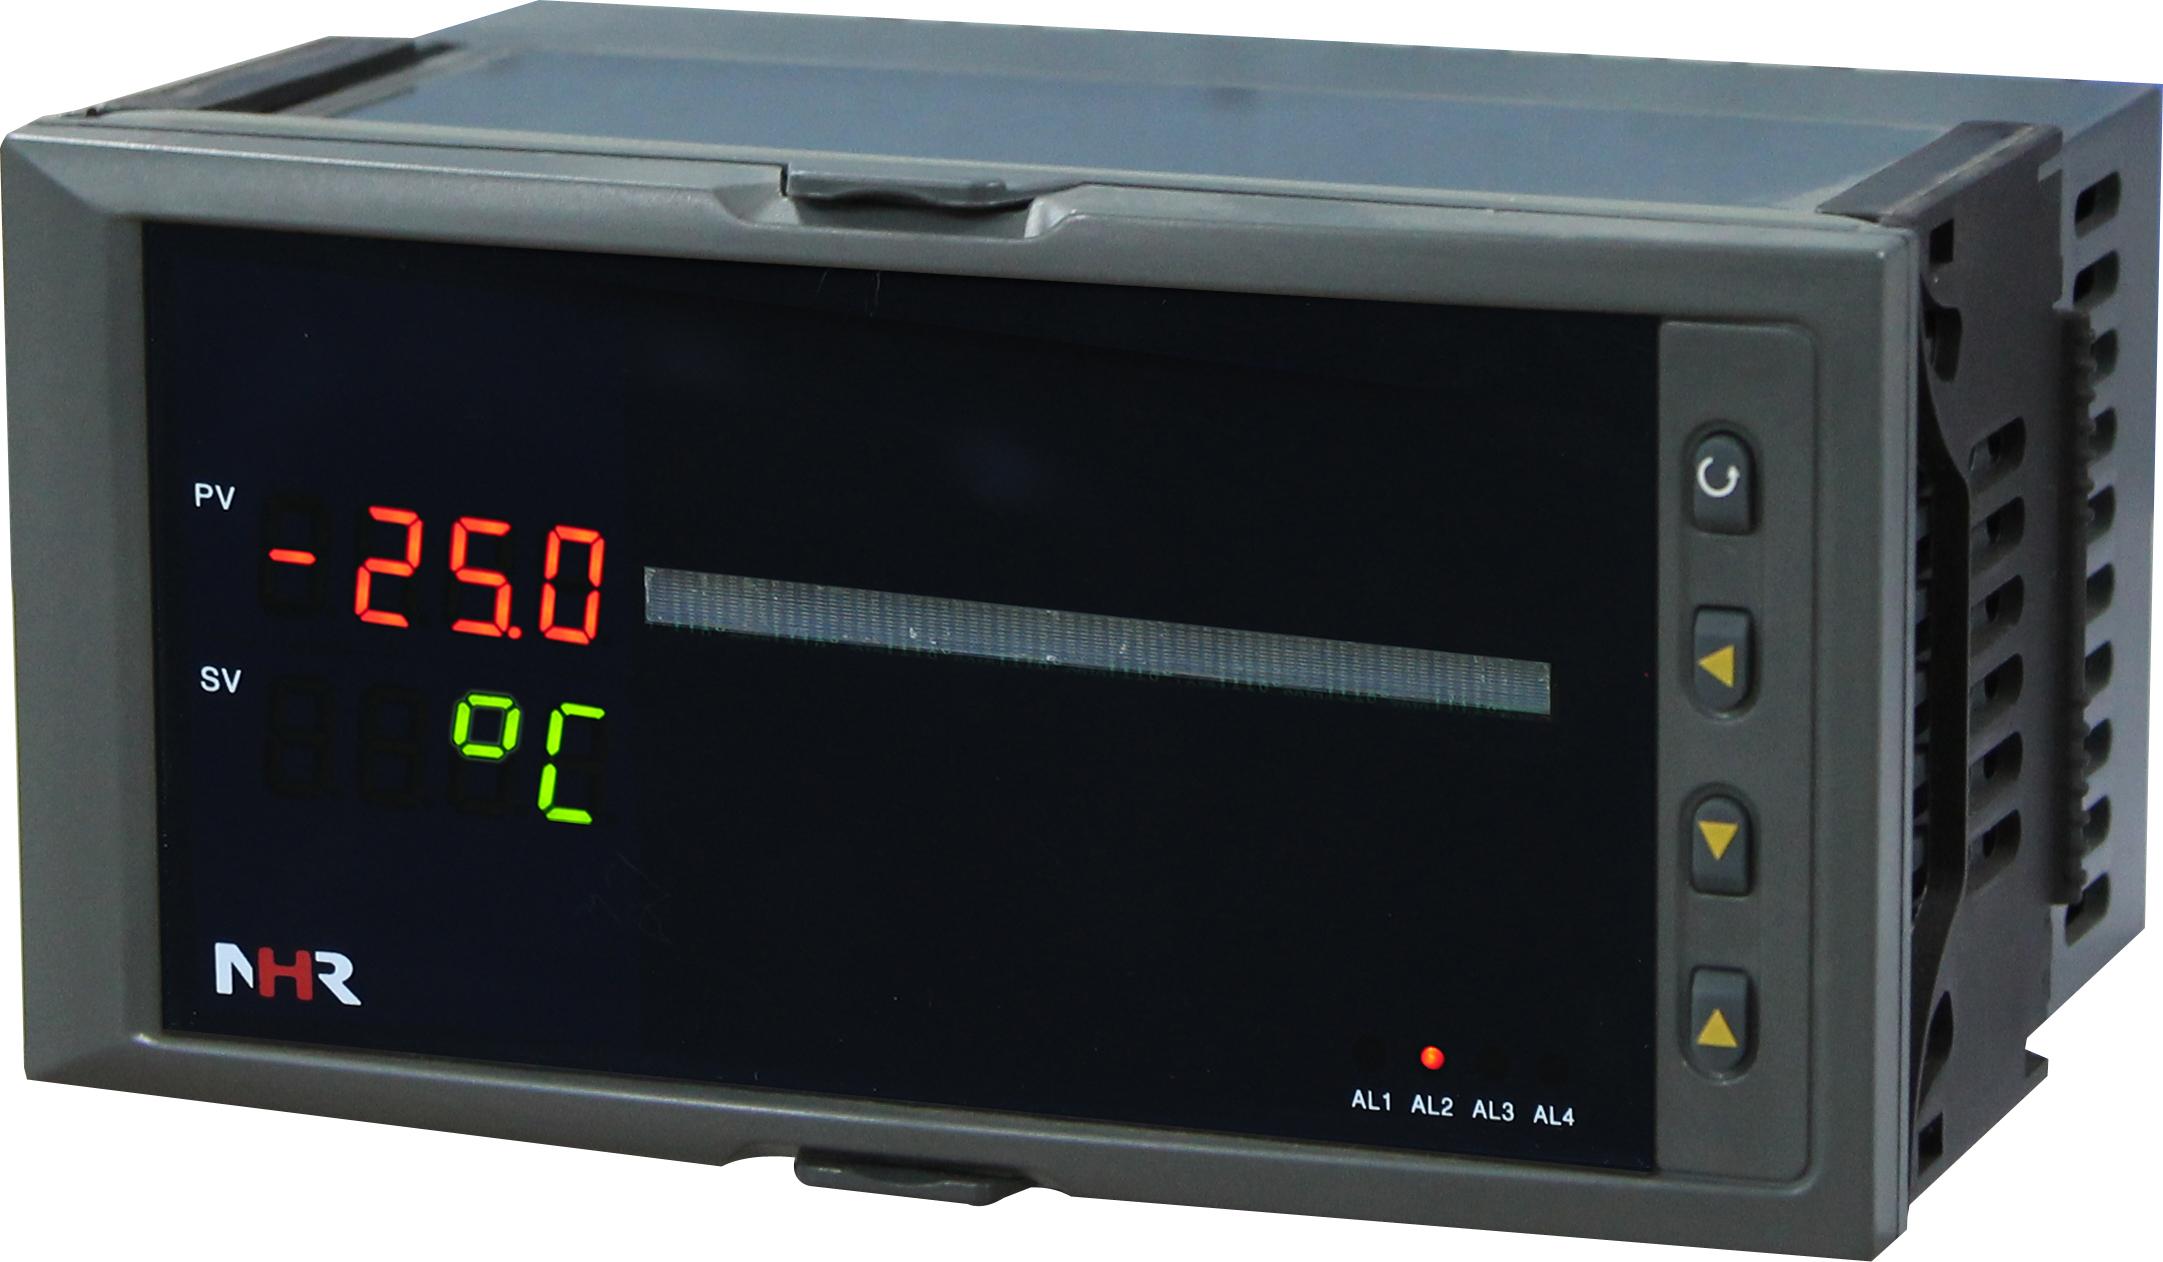 虹润 NHR-5100系列单回路数字显示控制仪